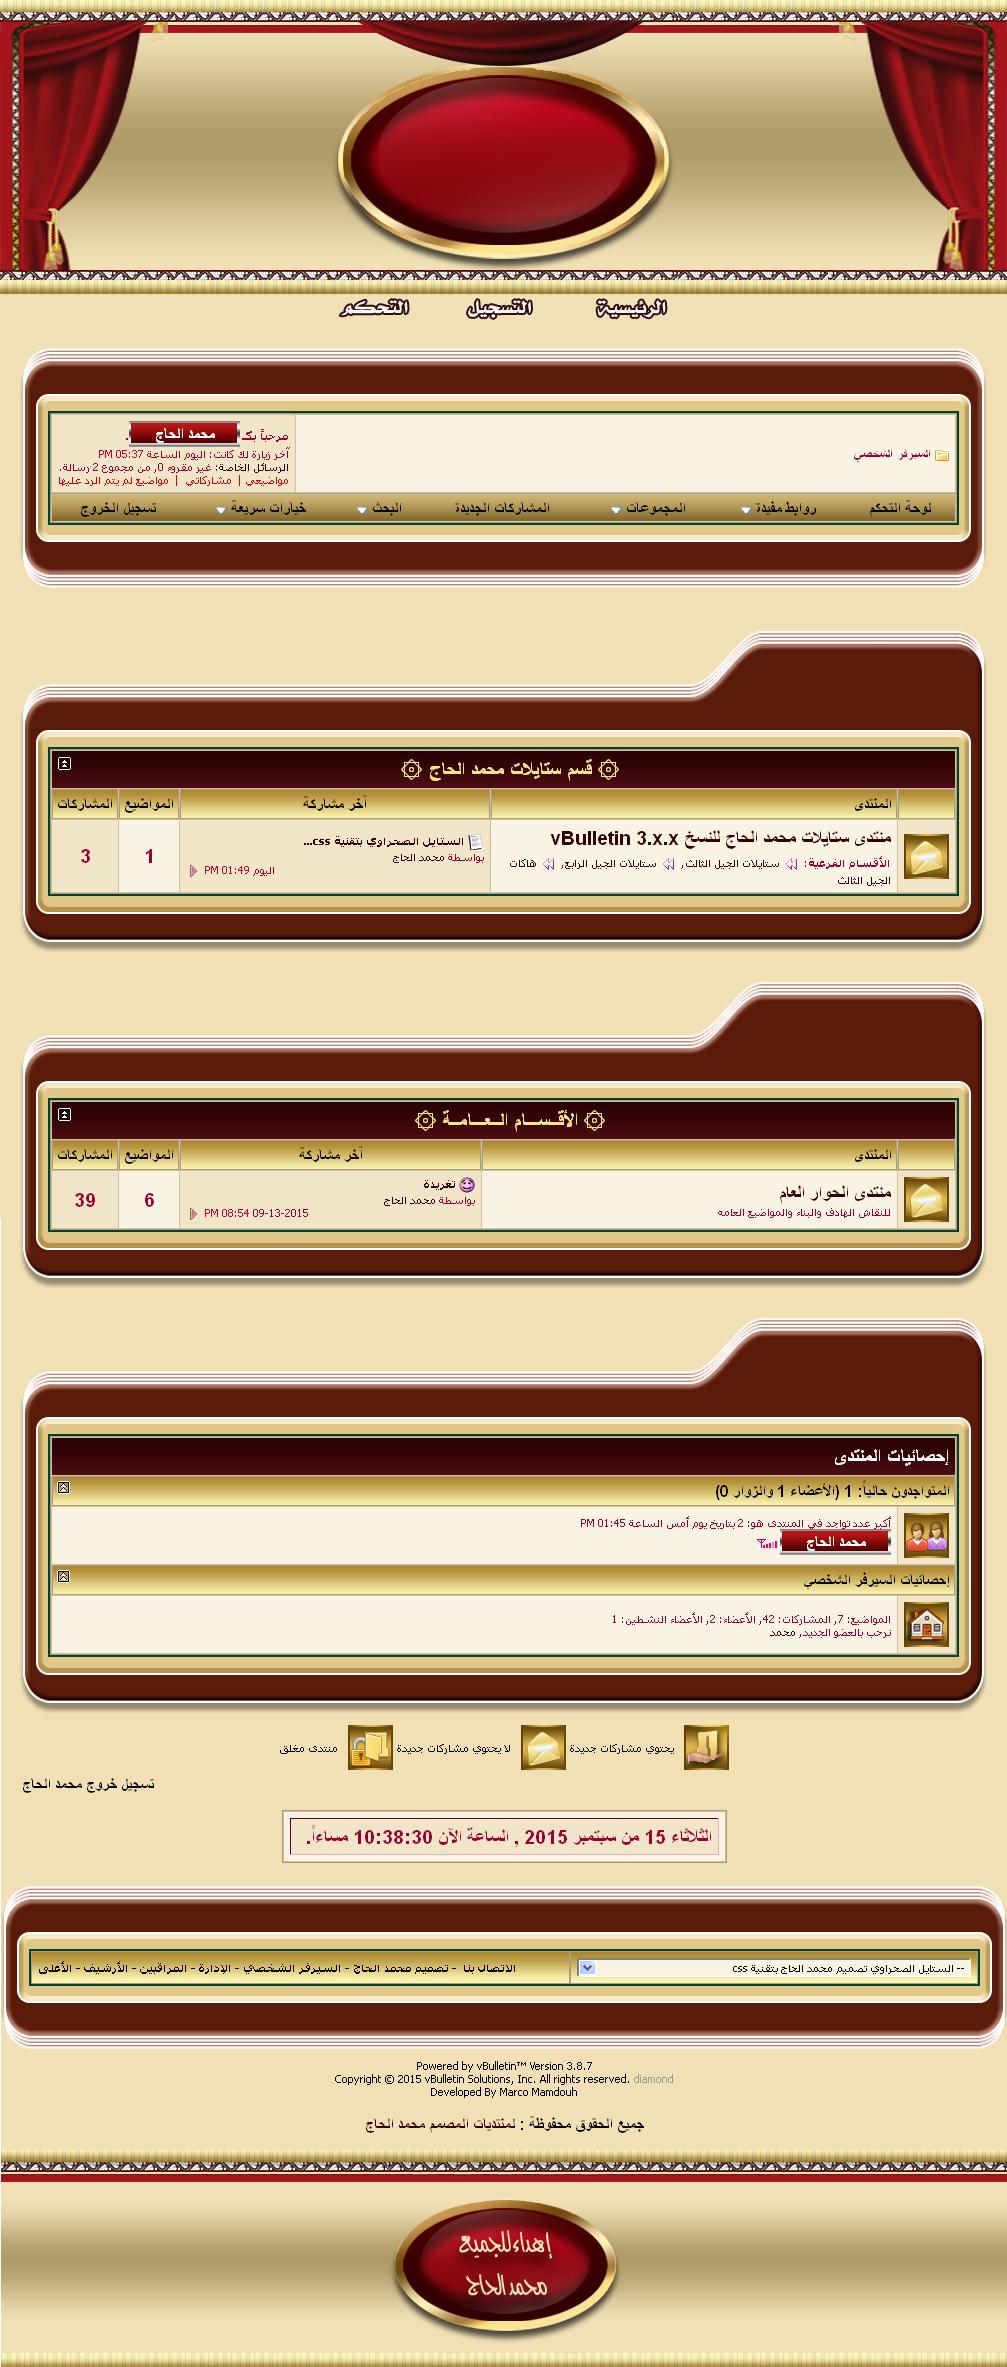 الستايل الصحراوي بتقنية تصميم محمد